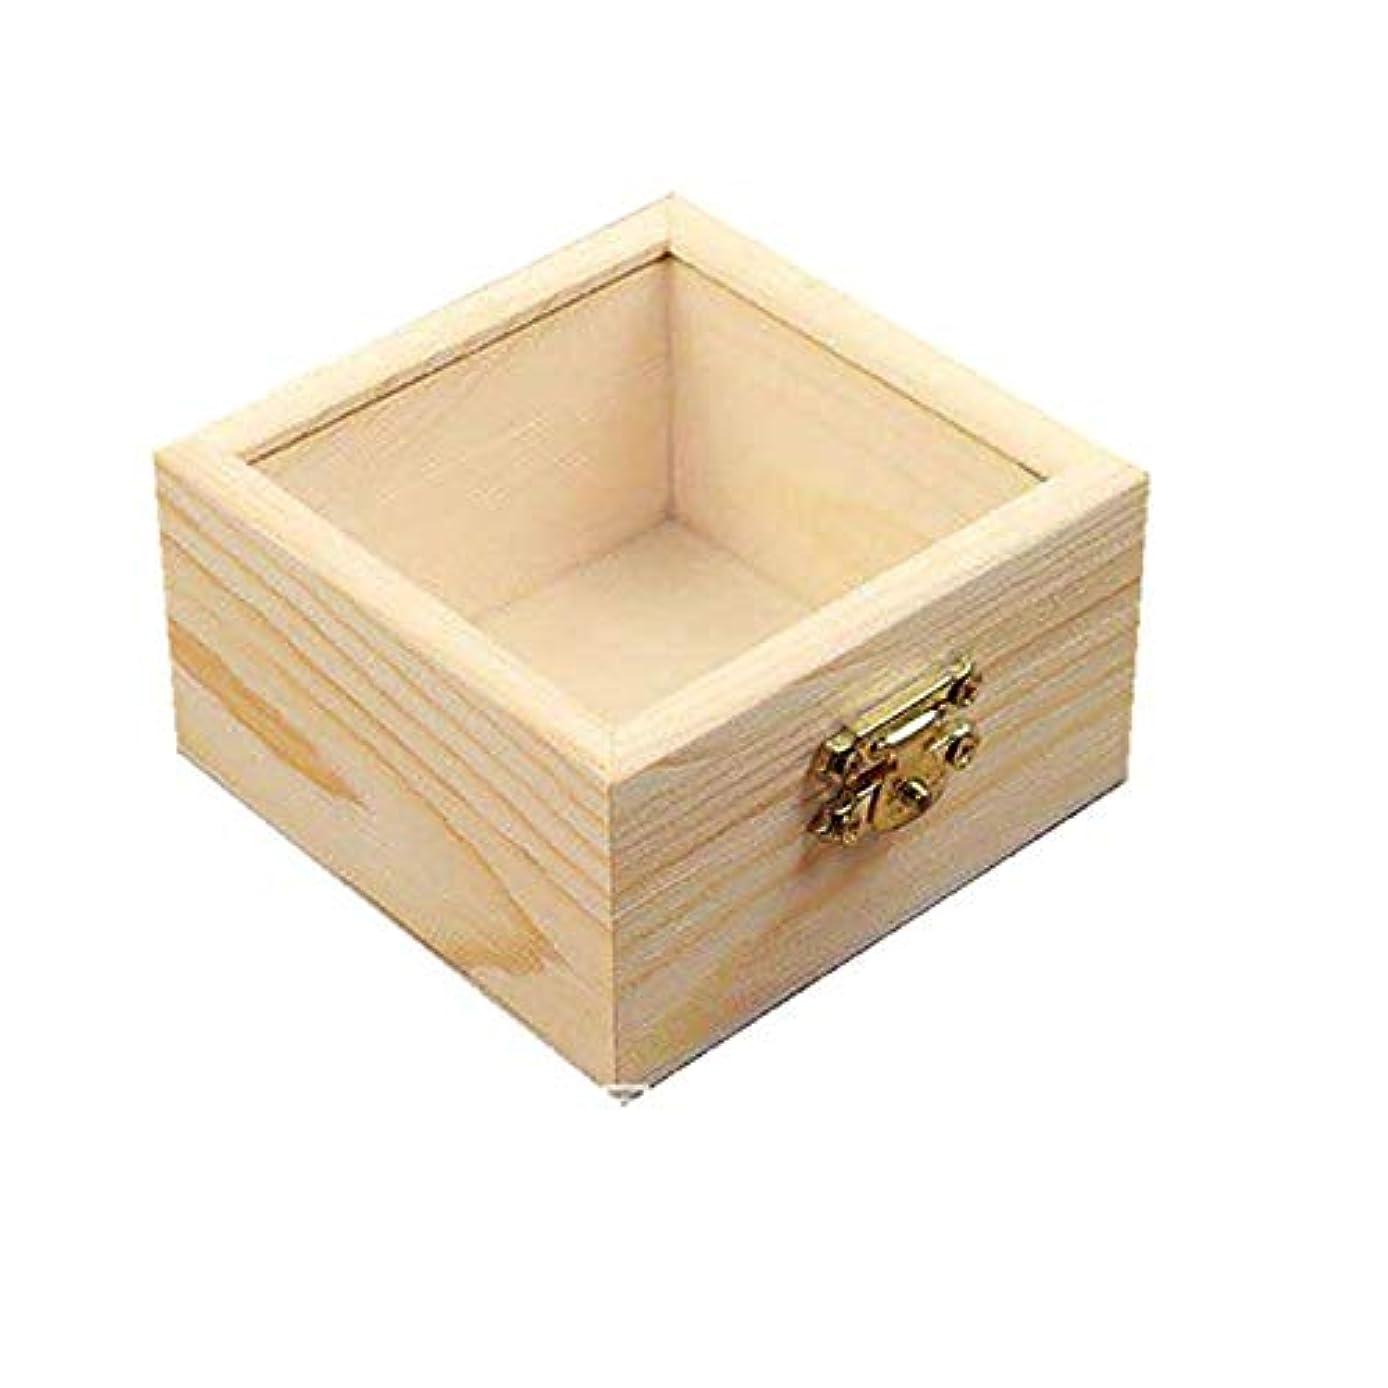 爆発物義務的騙すエッセンシャルオイルストレージボックス 木製のエッセンシャルオイルは、プレゼンテーションのために完璧なエッセンシャルオイルケースはBox 旅行およびプレゼンテーション用 (色 : Natural, サイズ : 8.5X8.5X5CM)